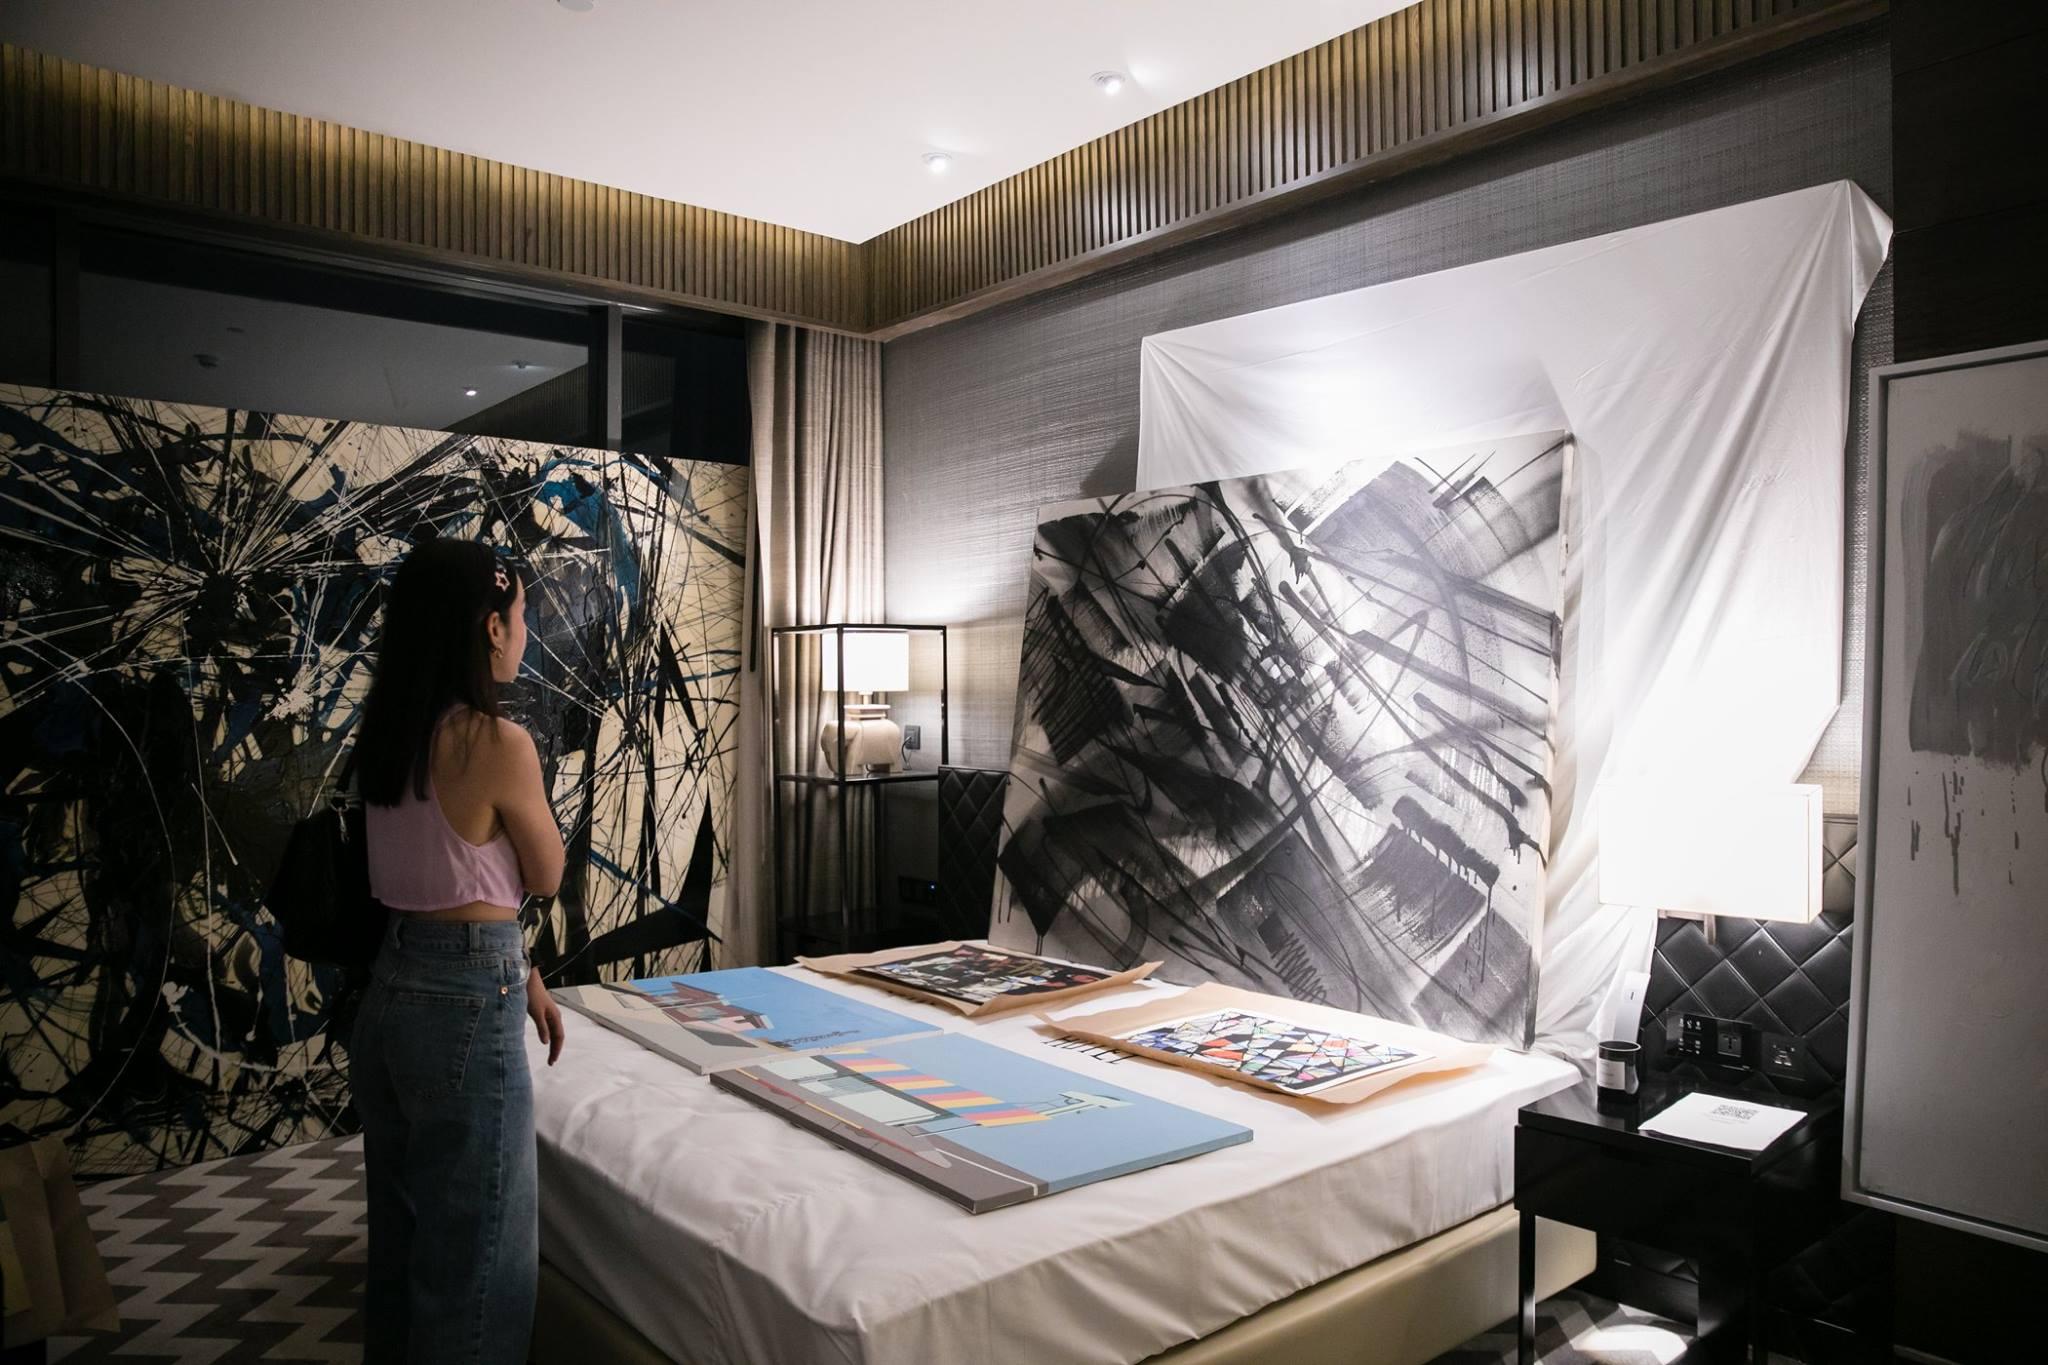 กลับมาแล้ว Hotel Art Fair Bangkok 2019 งานศิลปะที่จะเปลี่ยนห้องของโรงแรมให้กลายเป็นอาร์ตสเปซ